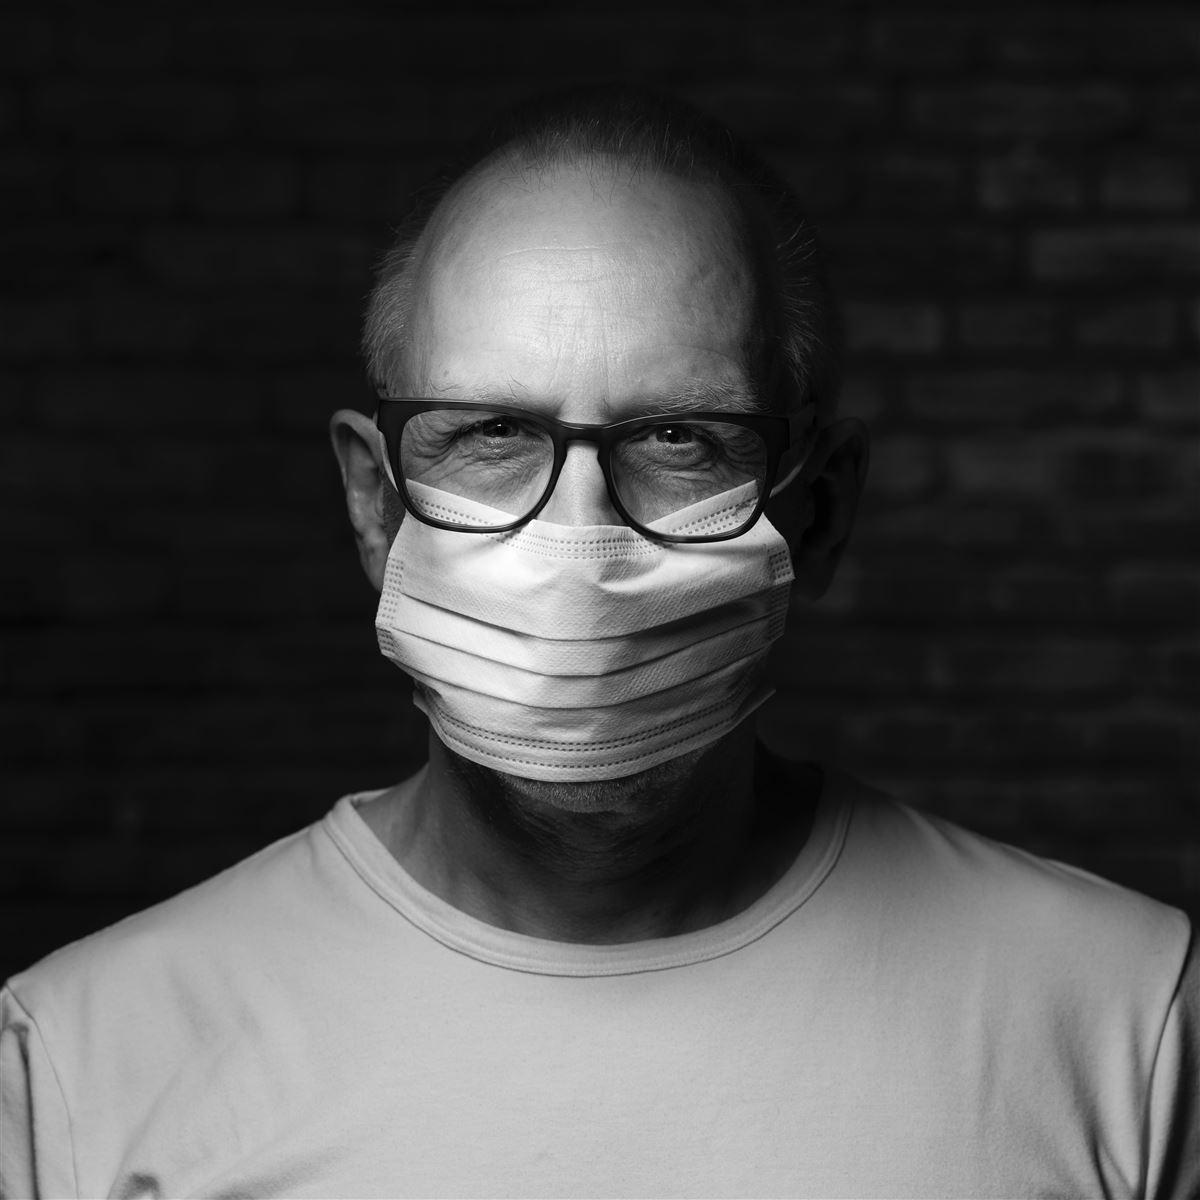 mand med briller og mundbind